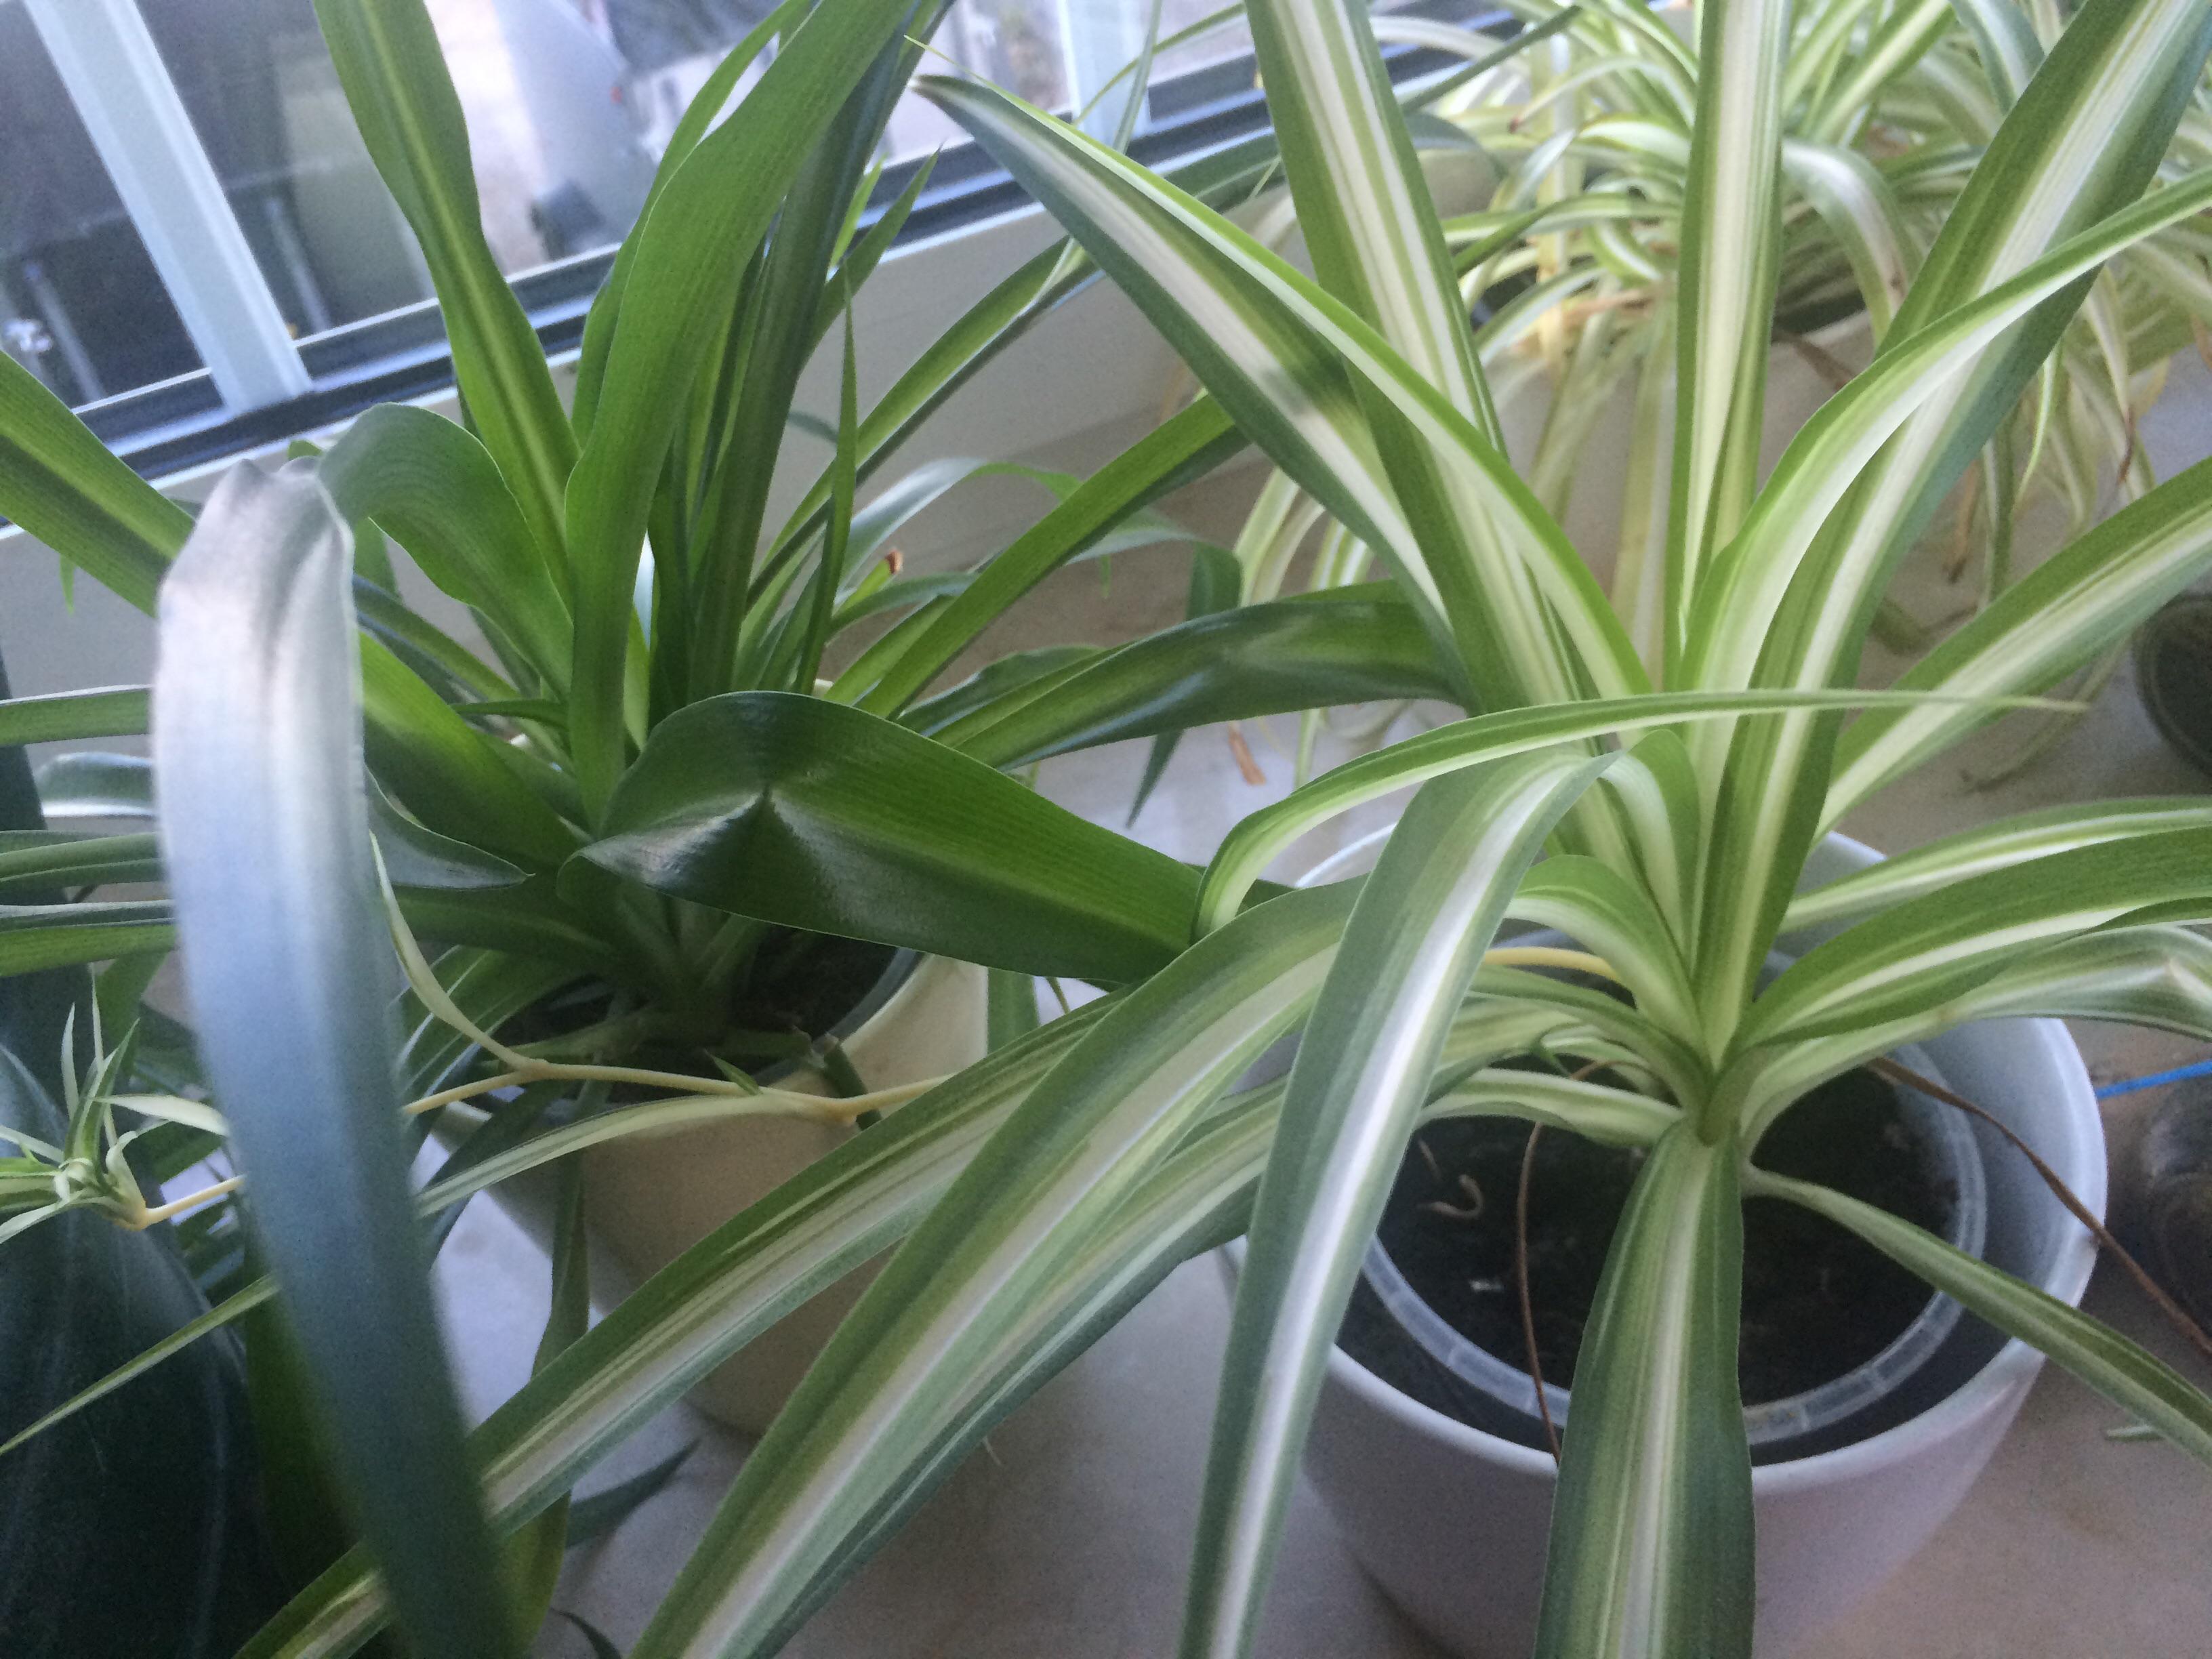 Meine katze will trotz katzengras immer diese zimmerpflanzen fressen ist das giftig f r sie - Katzen giftige zimmerpflanzen bilder ...